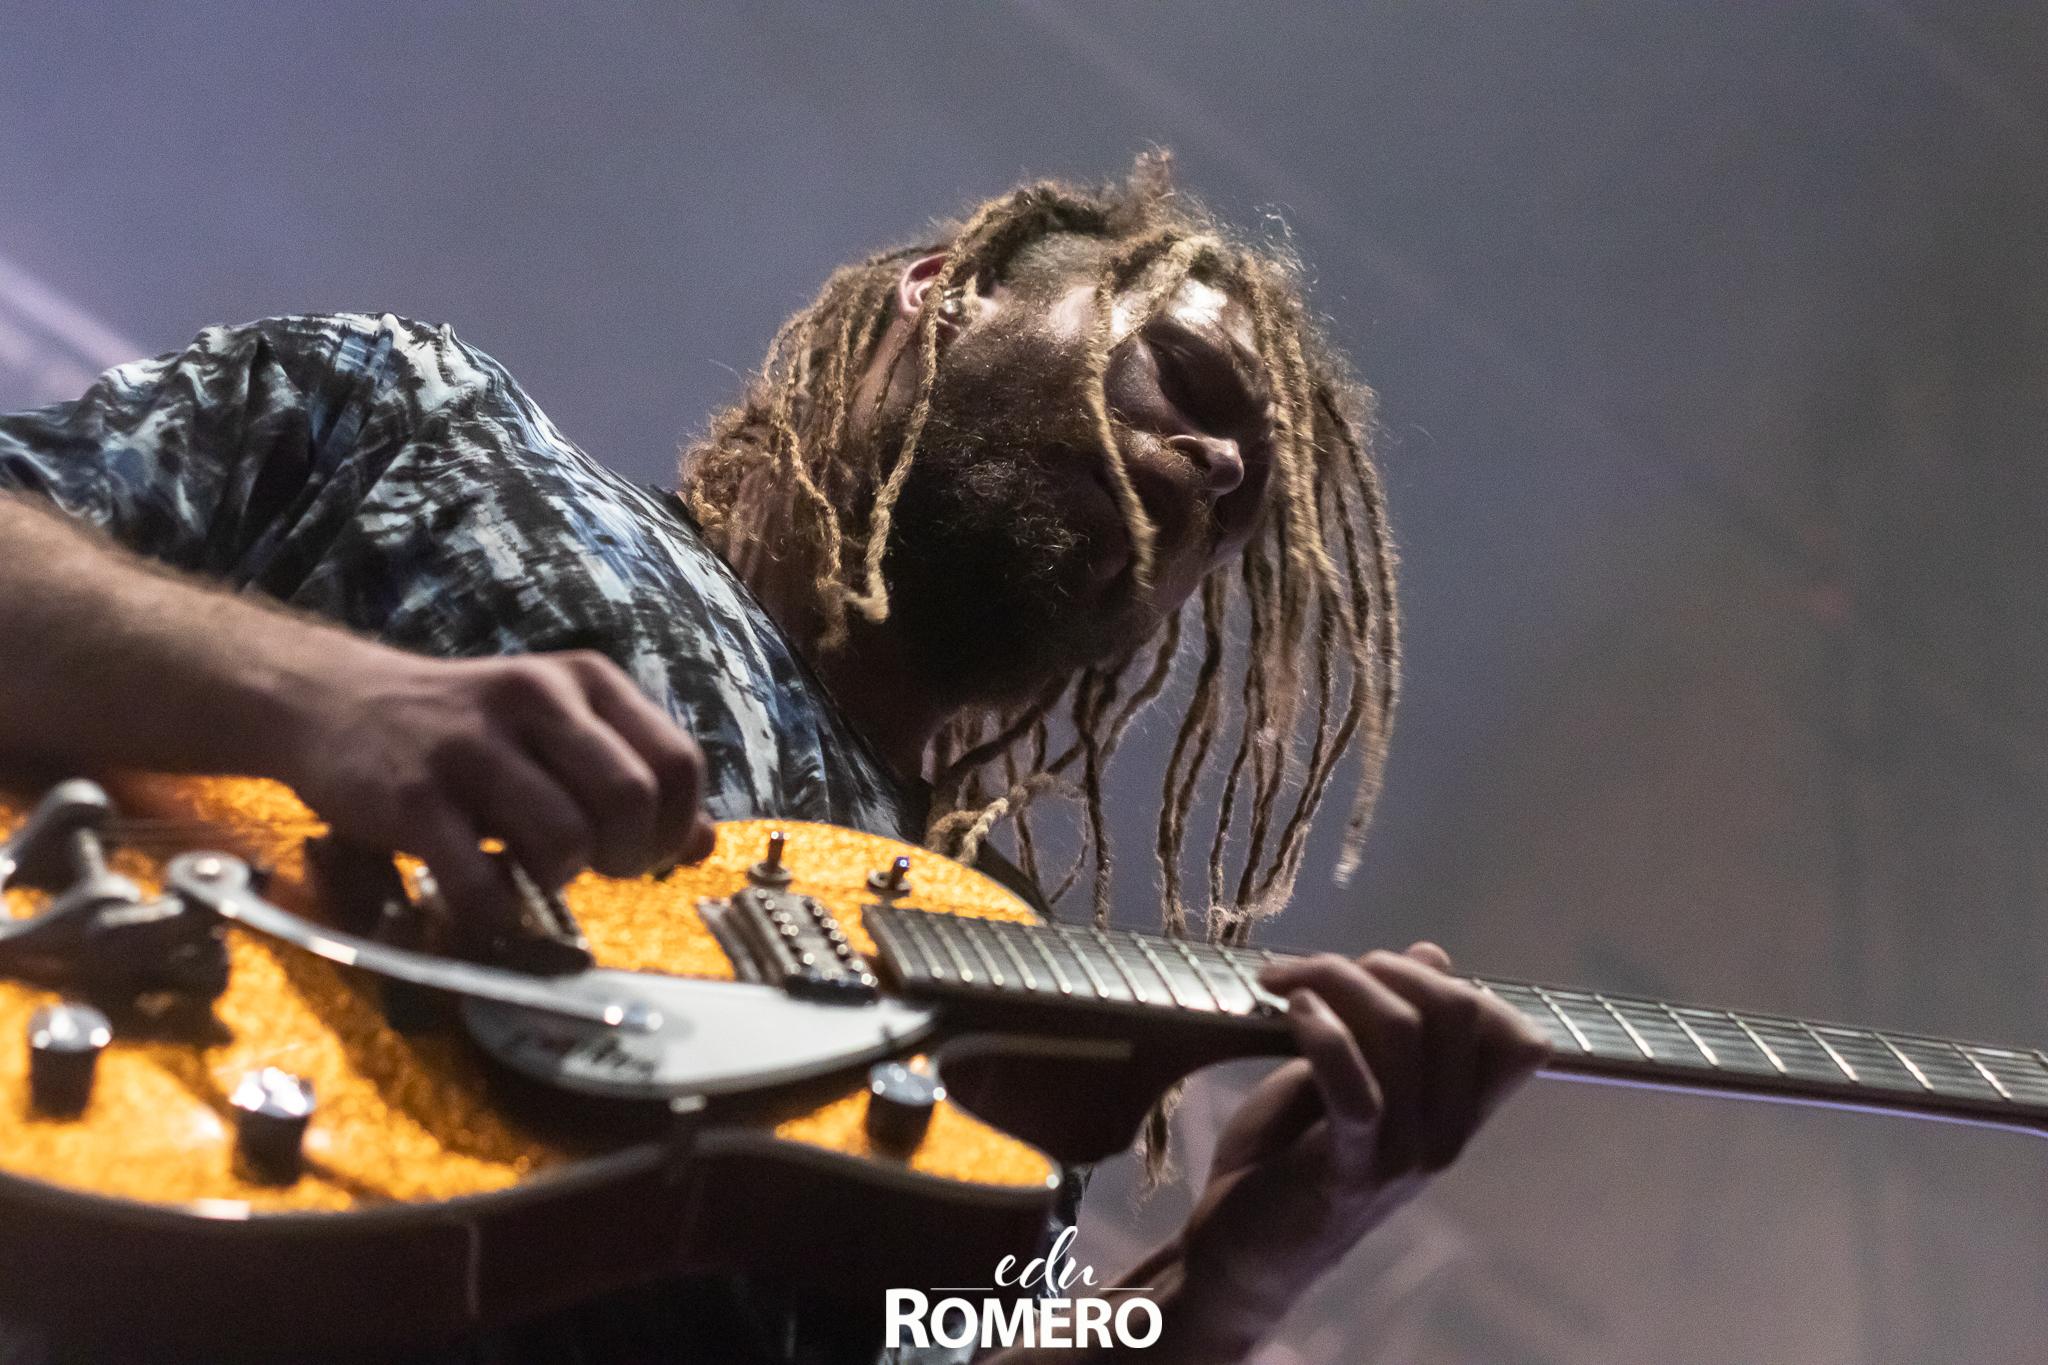 Ph: Edu Romero